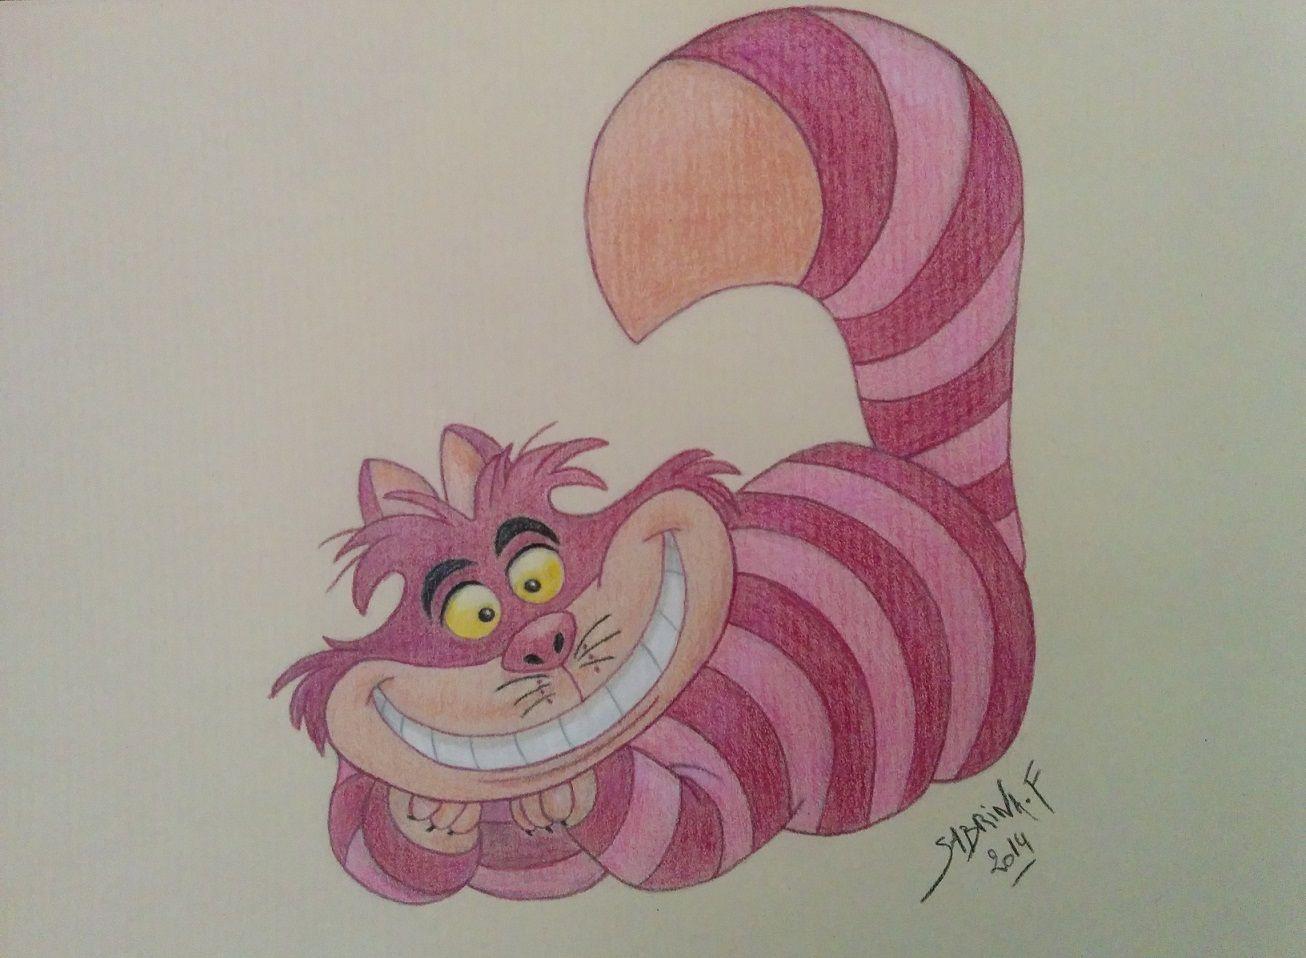 Dessins Aux Crayons De Couleur Dessins Disney Dessin